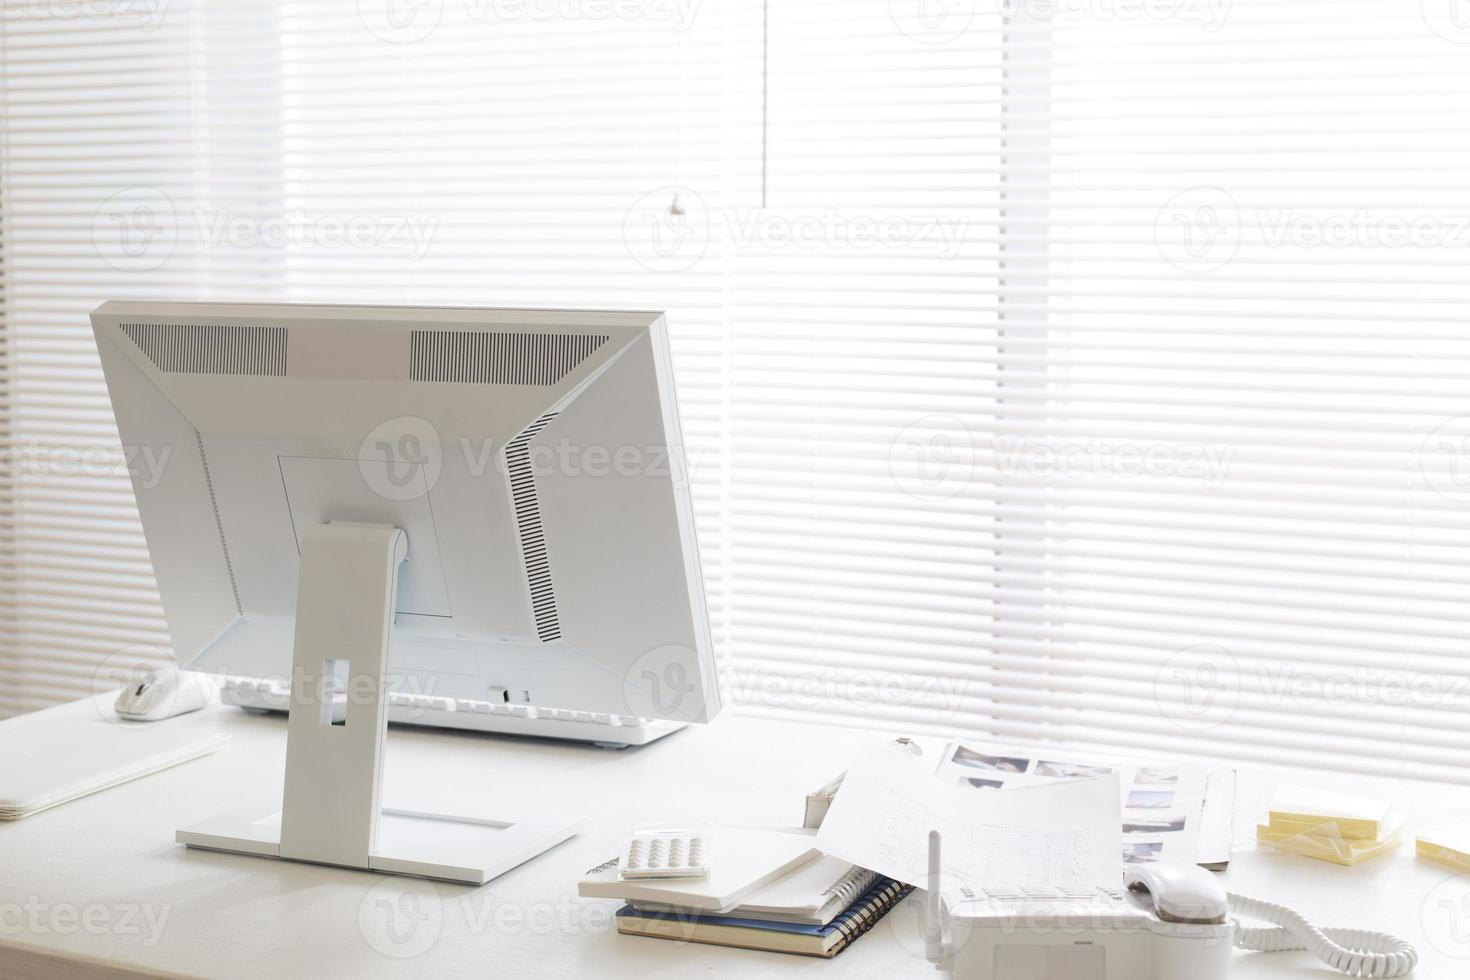 Büro Hintergrund foto